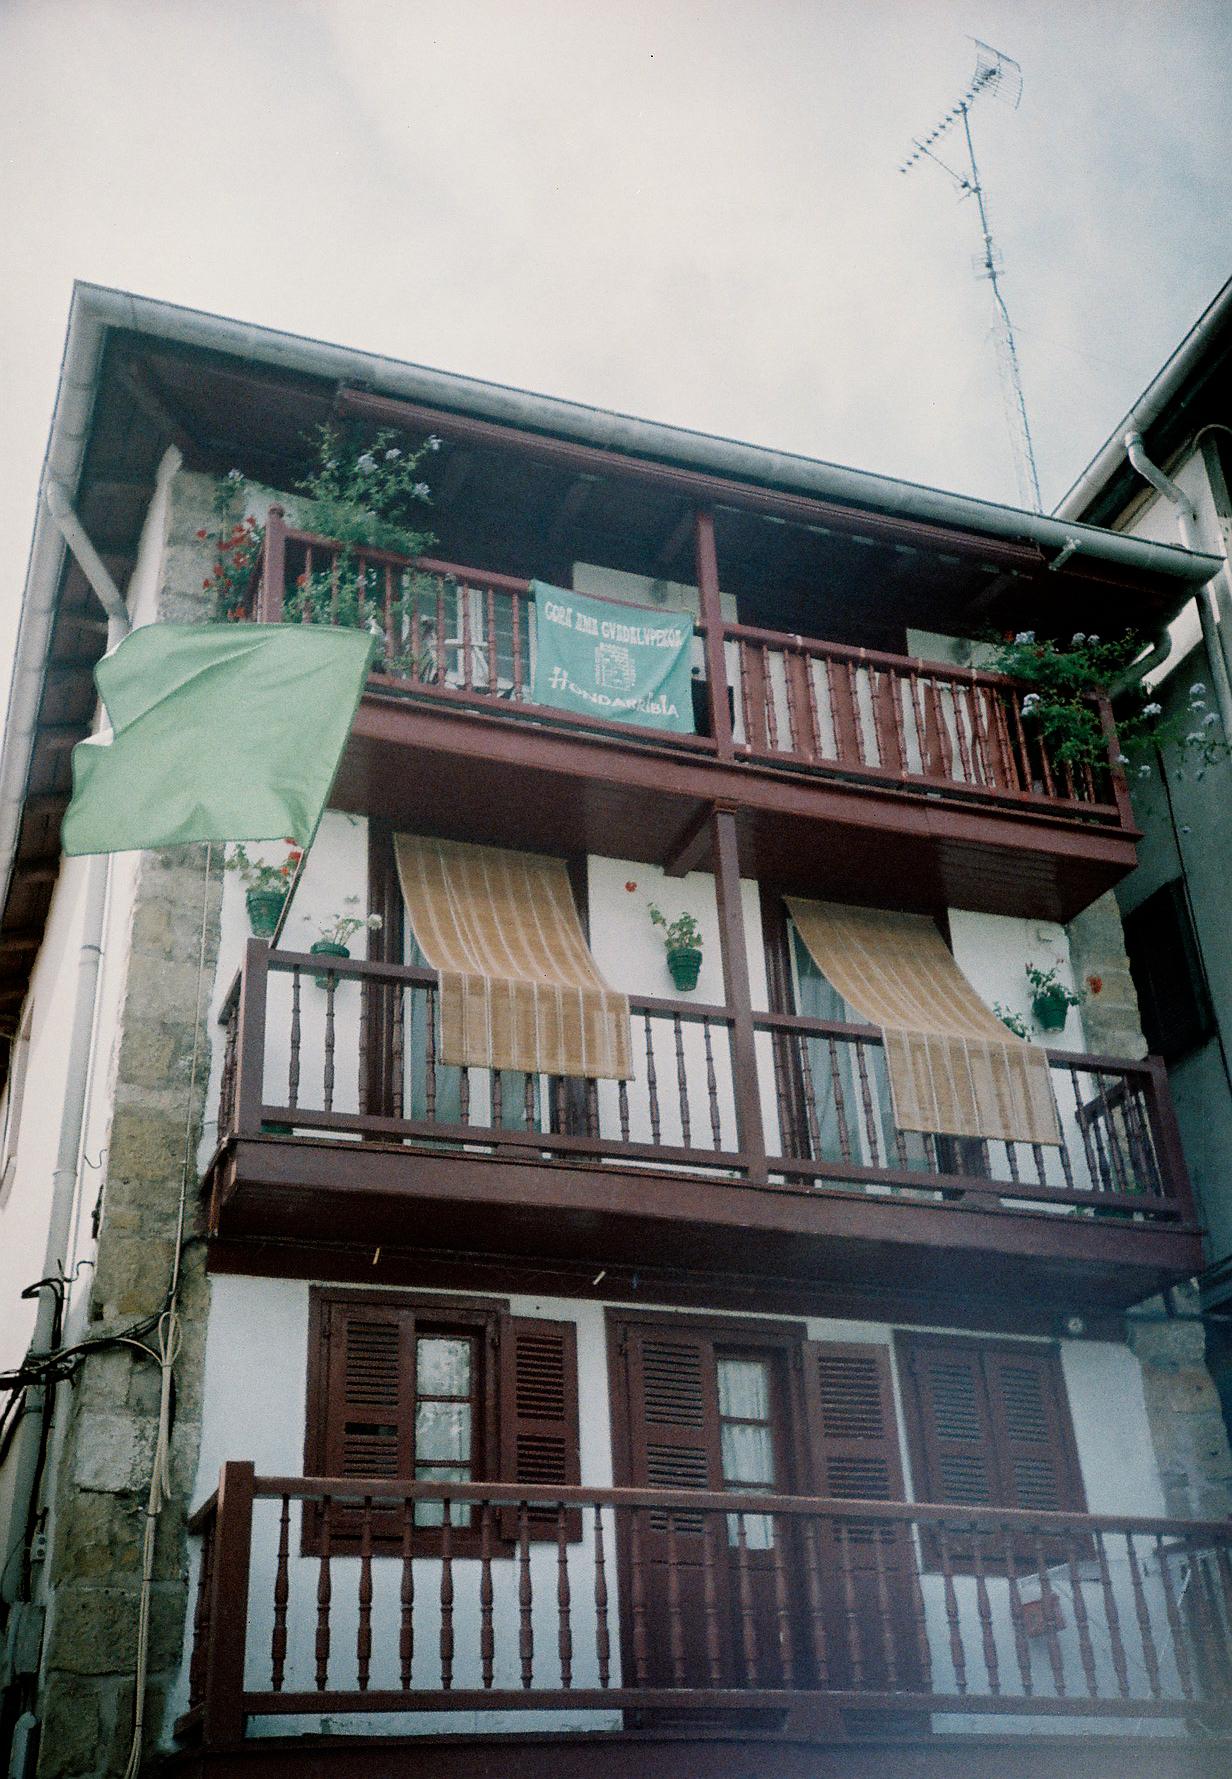 http://lafilladelfotografu.irenavisa.com/files/gimgs/65_f1000009-1.jpg